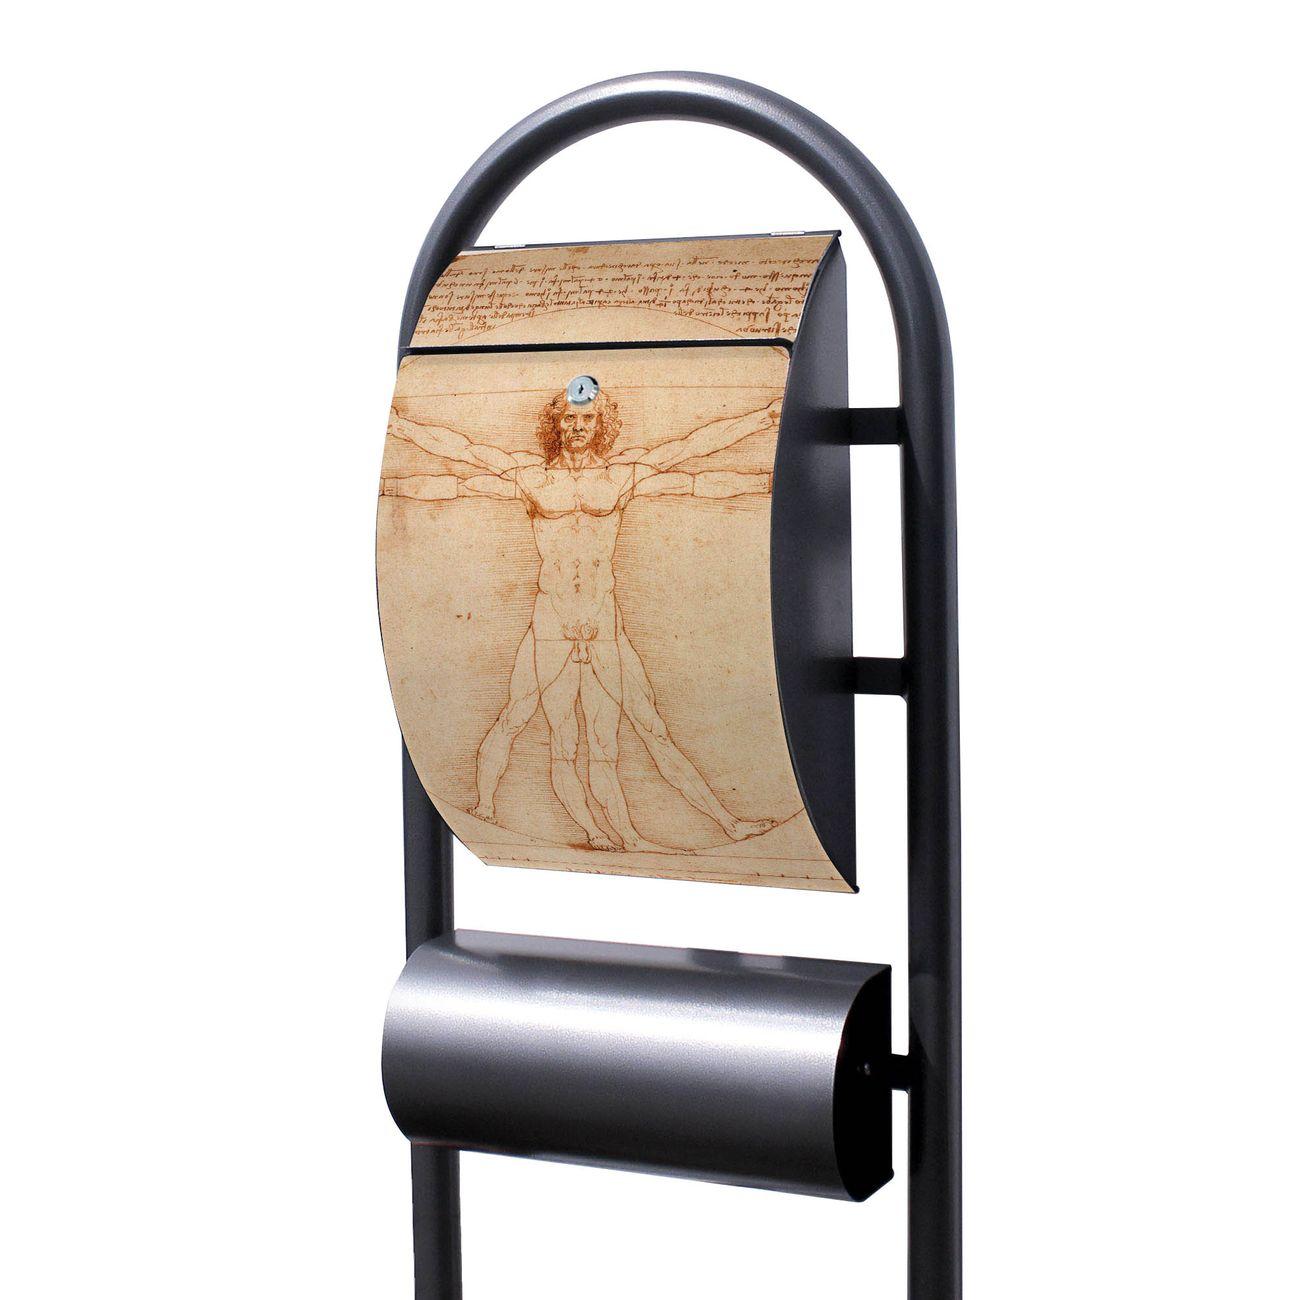 Standbriefkasten Hammerschlag Vitruvianische Figur